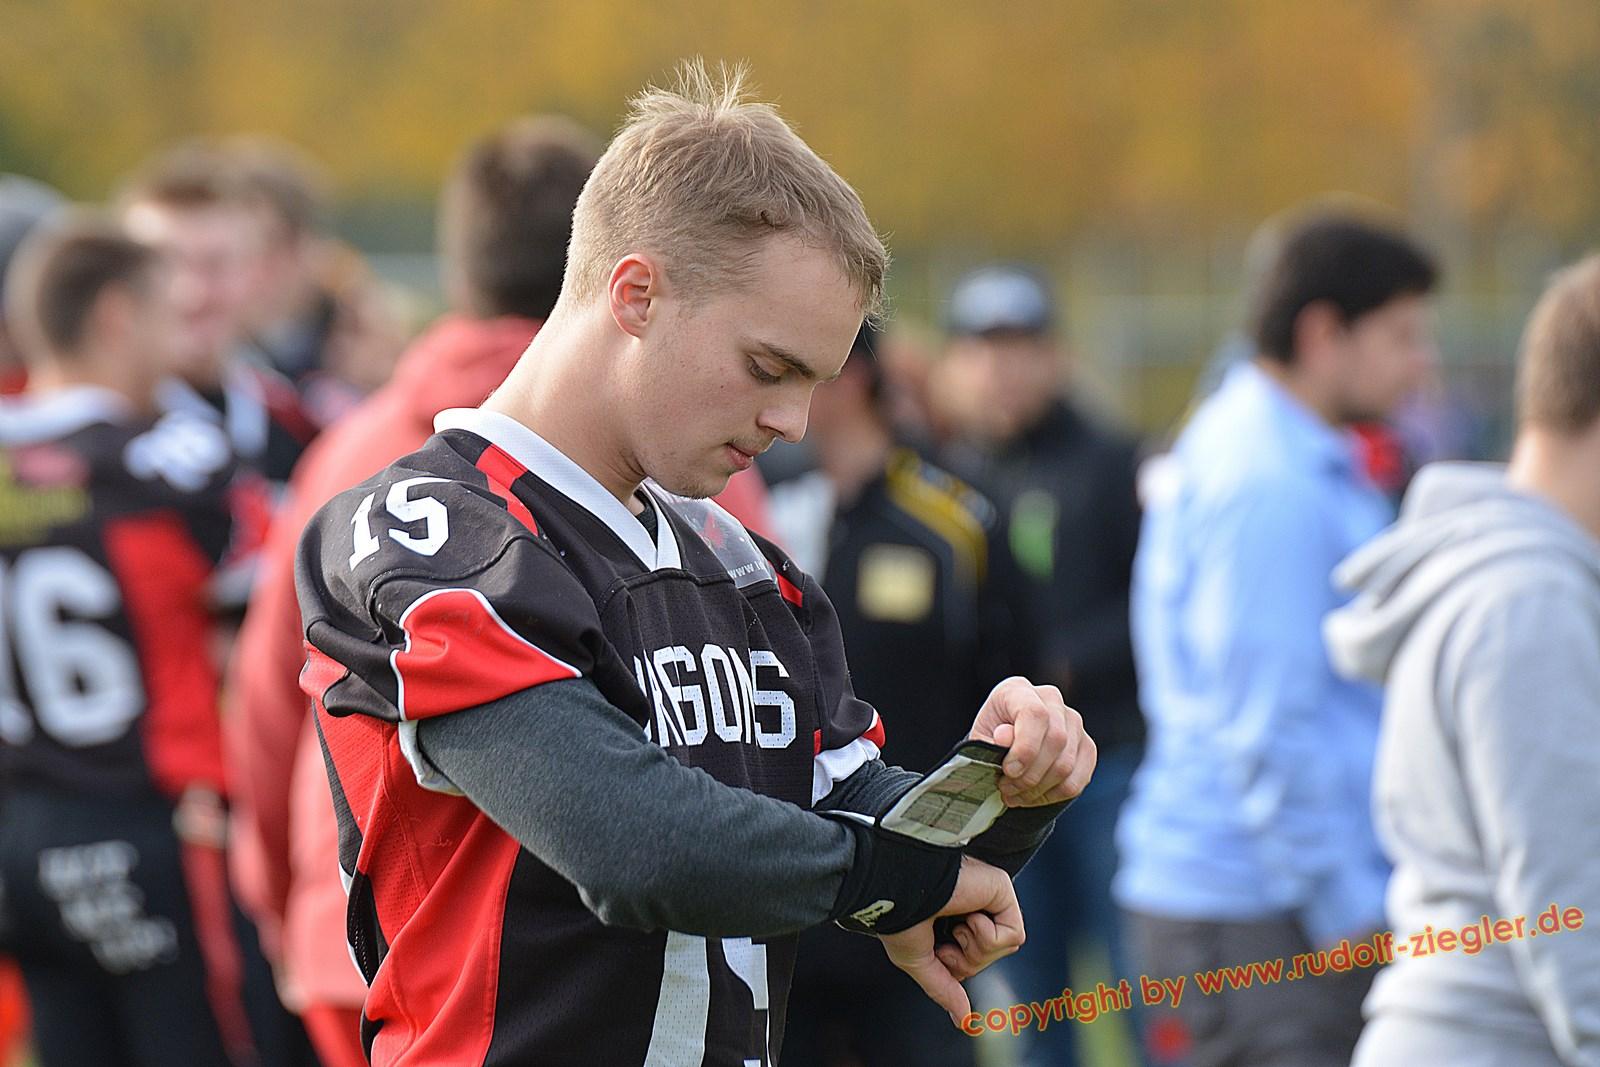 FLAG FOOTBALL - Bayerische Meisterschaften U19 057-Bearb (1600x1200)